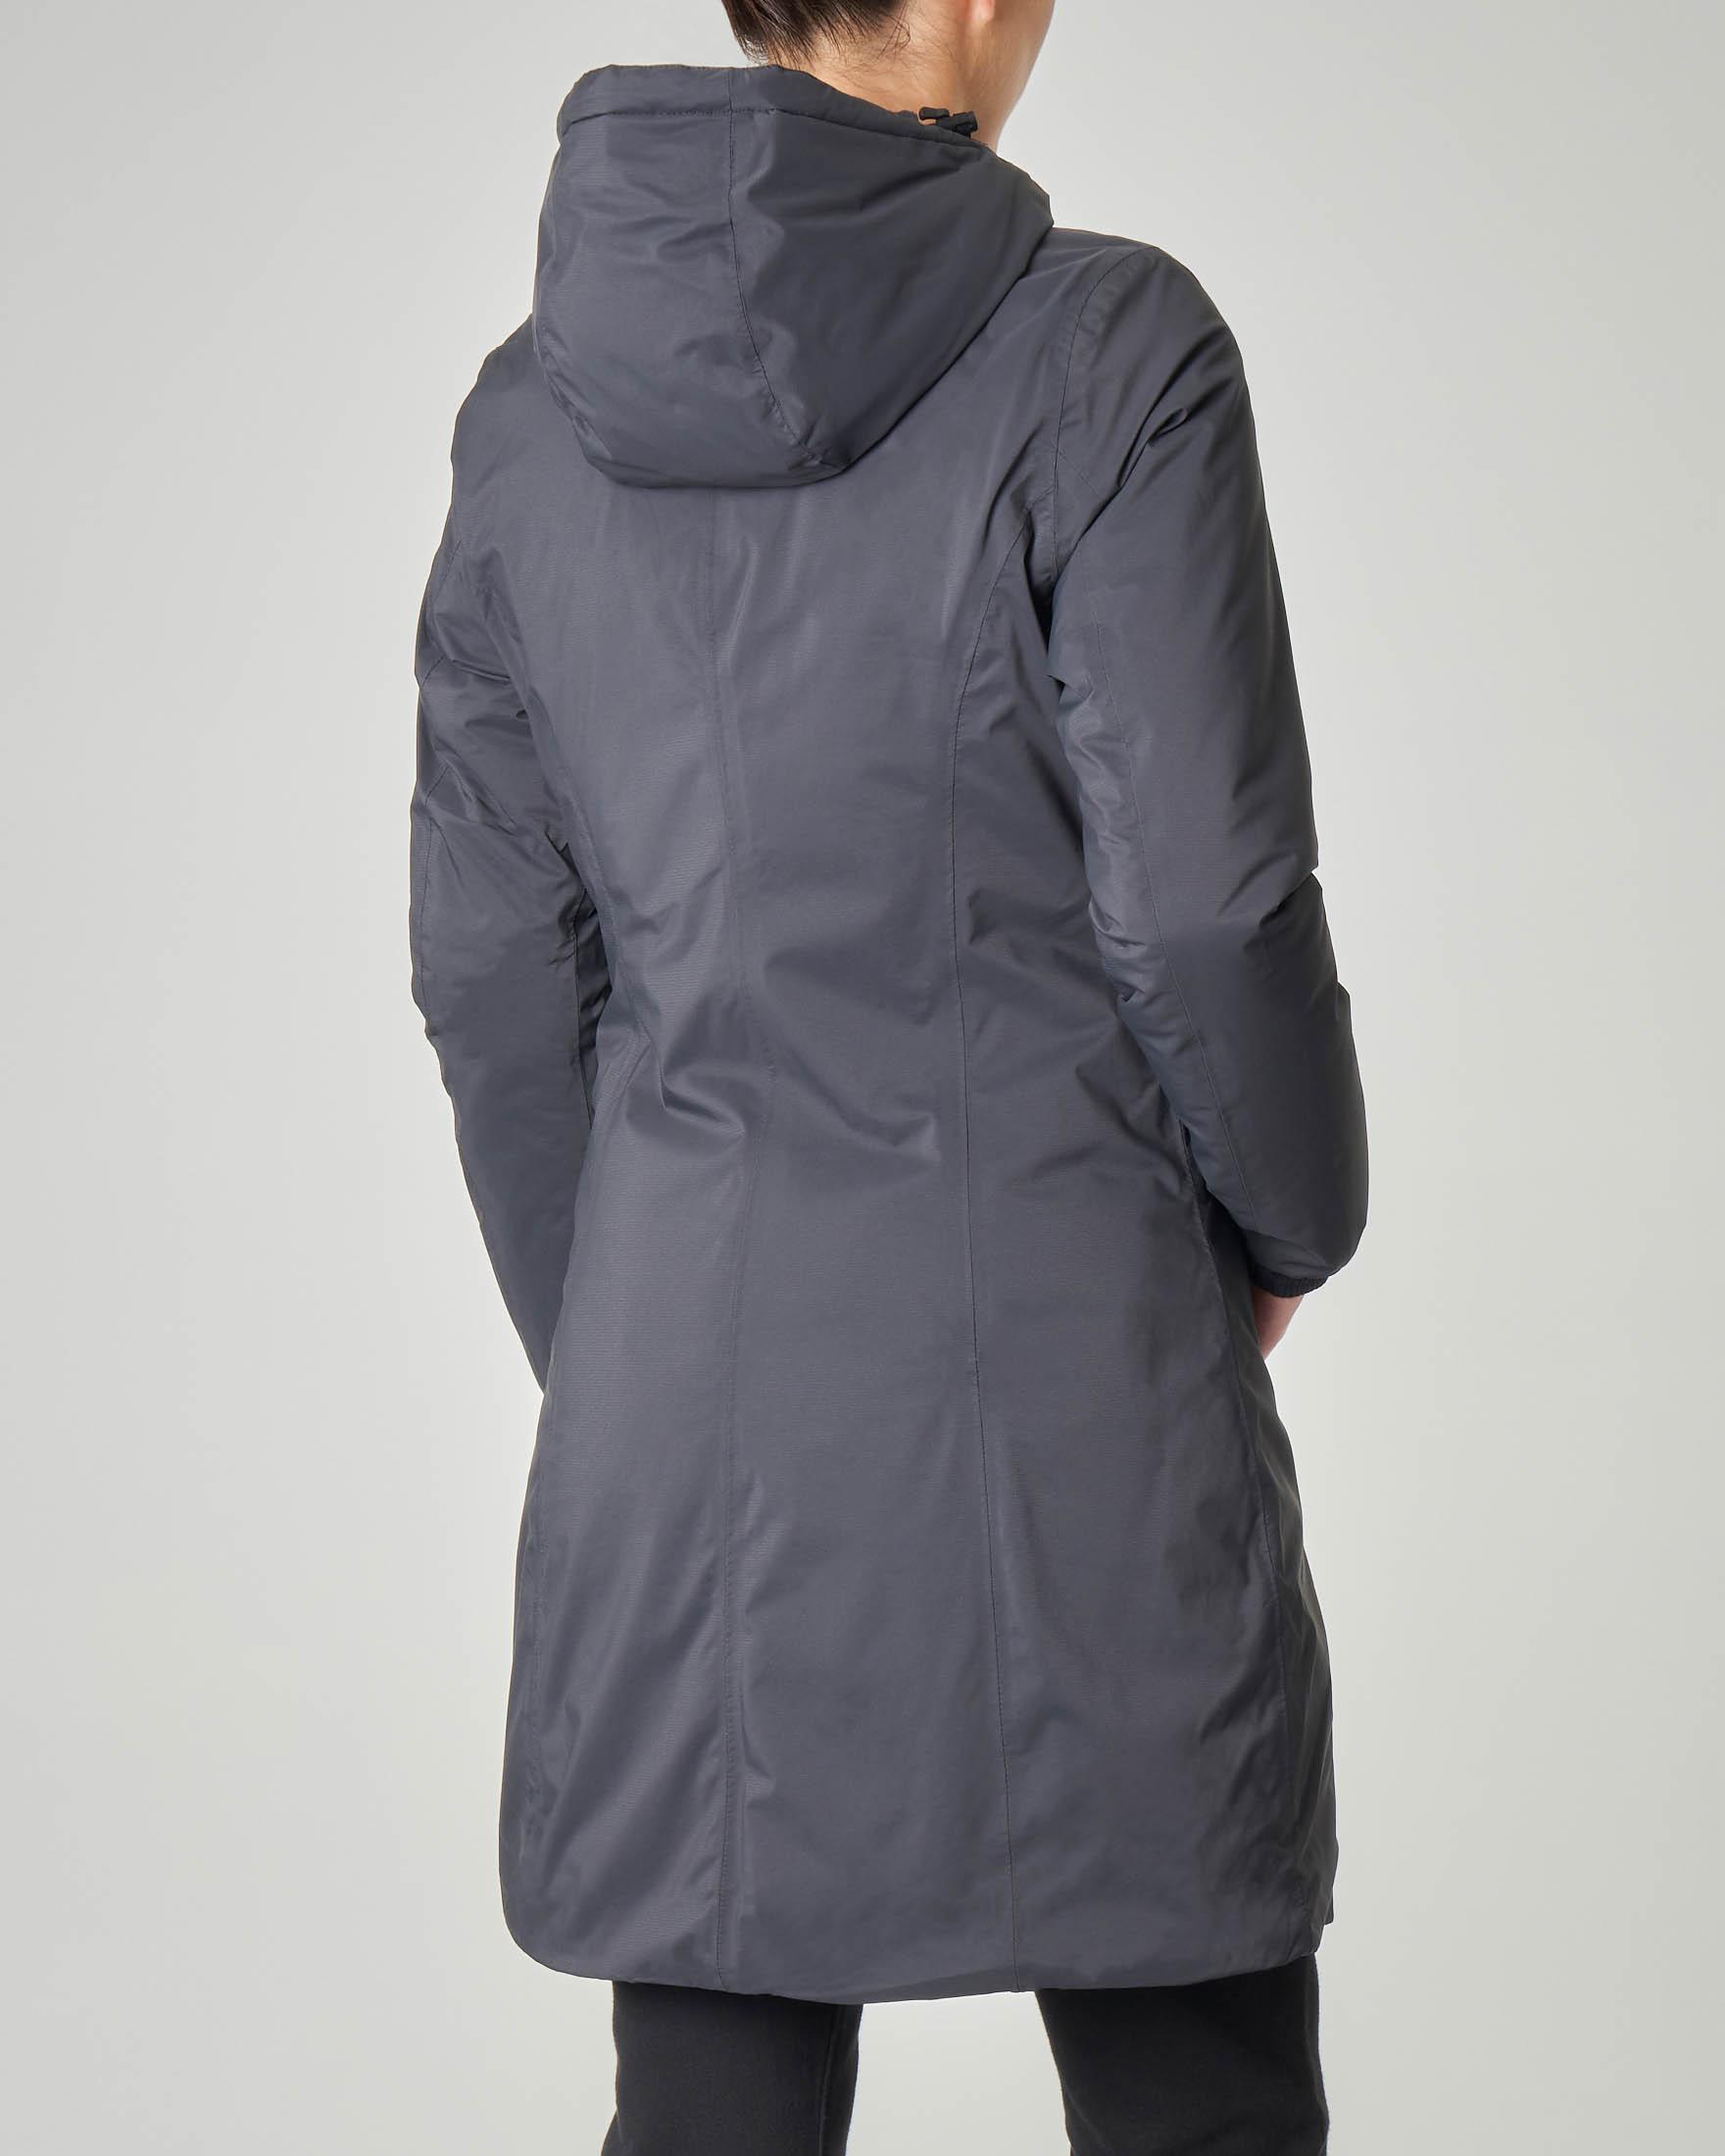 2793154a5c Abbigliamento da Donna: scopri le Collezioni | Pellizzari